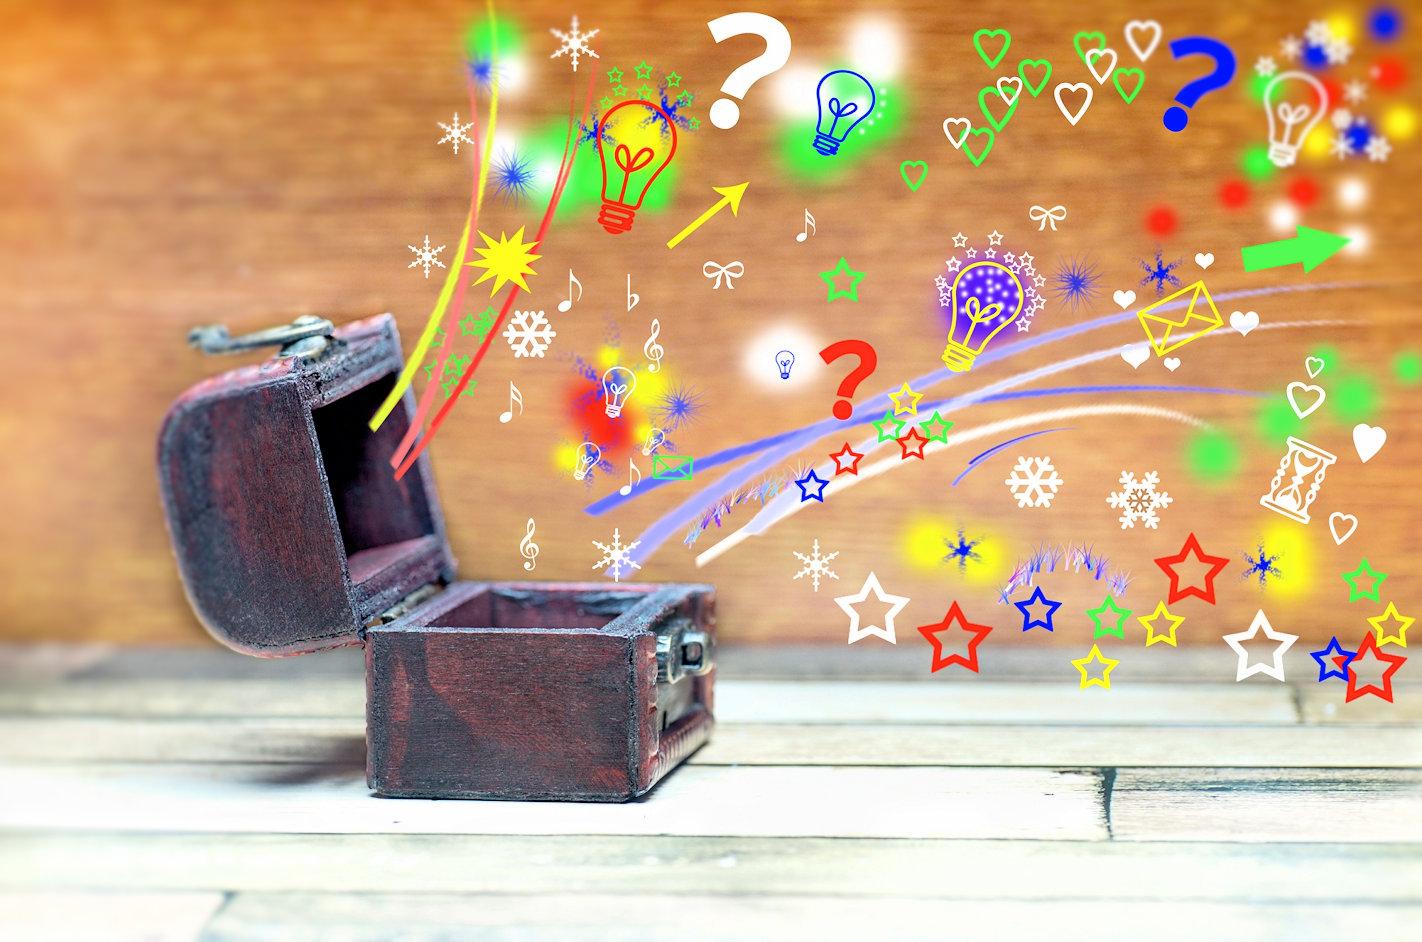 箱からお宝があふれている様子